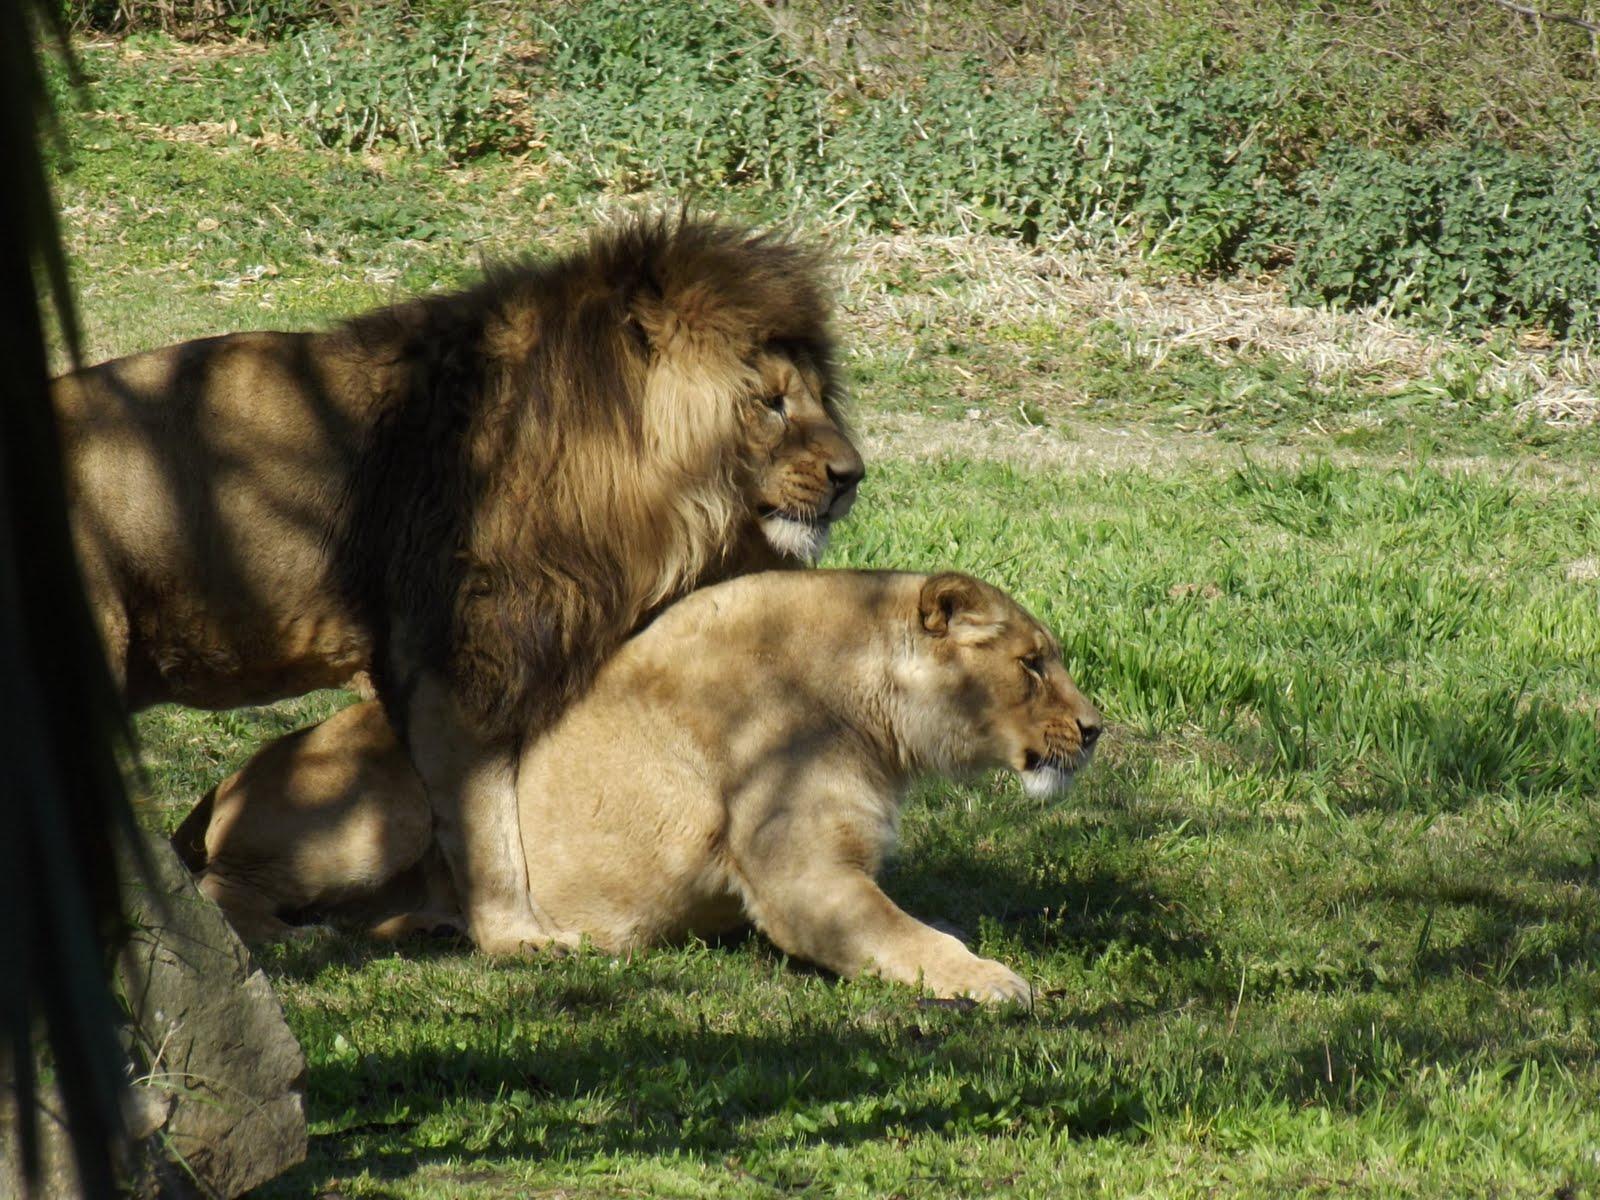 Fotomania el ritual de apareamiento de los leones - Leones apareamiento ...